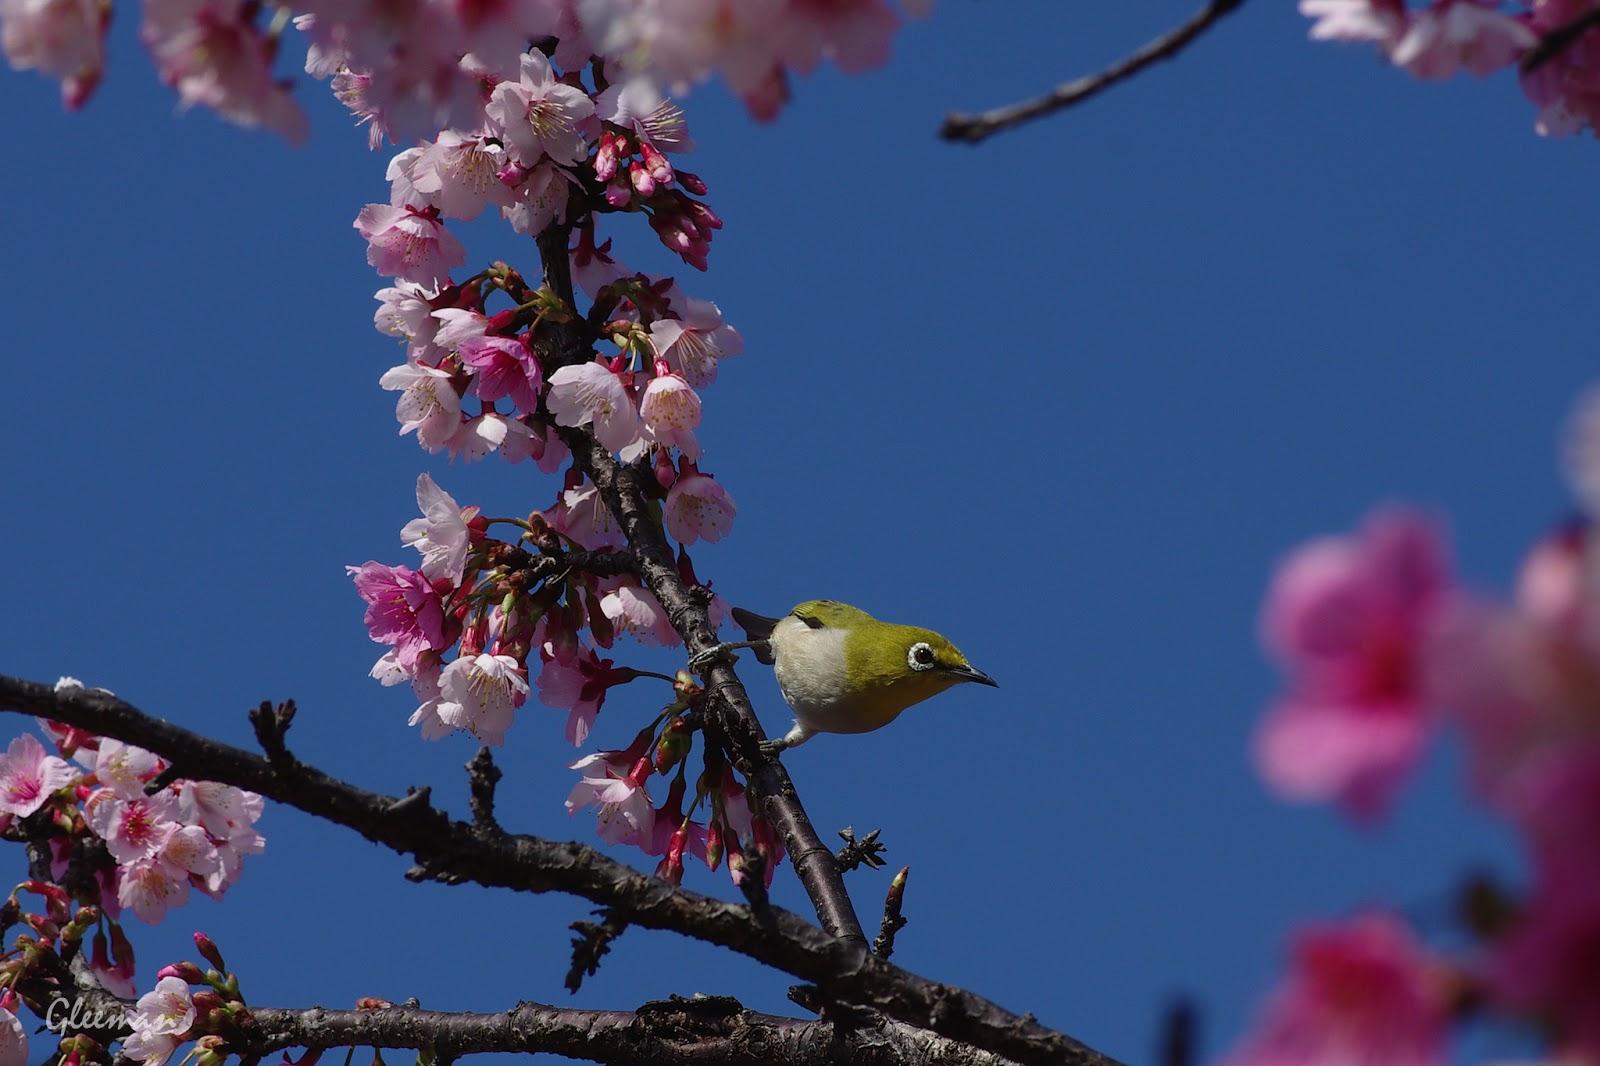 雞南山腳的美麗櫻花。綠繡眼。